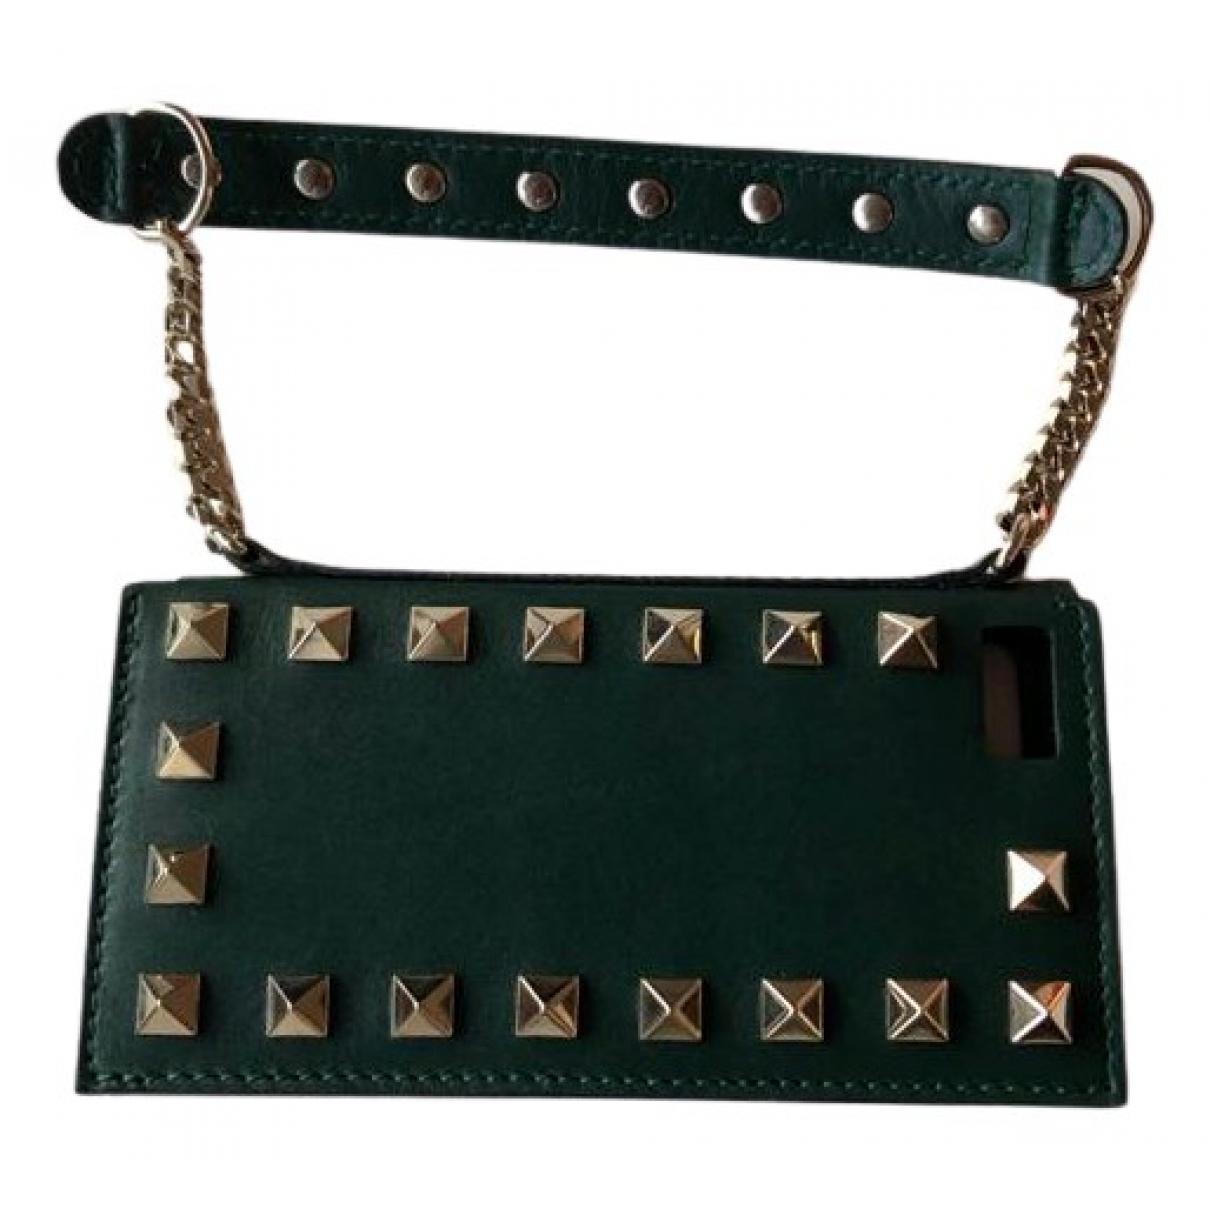 Valentino Garavani - Accessoires   pour lifestyle en cuir - vert